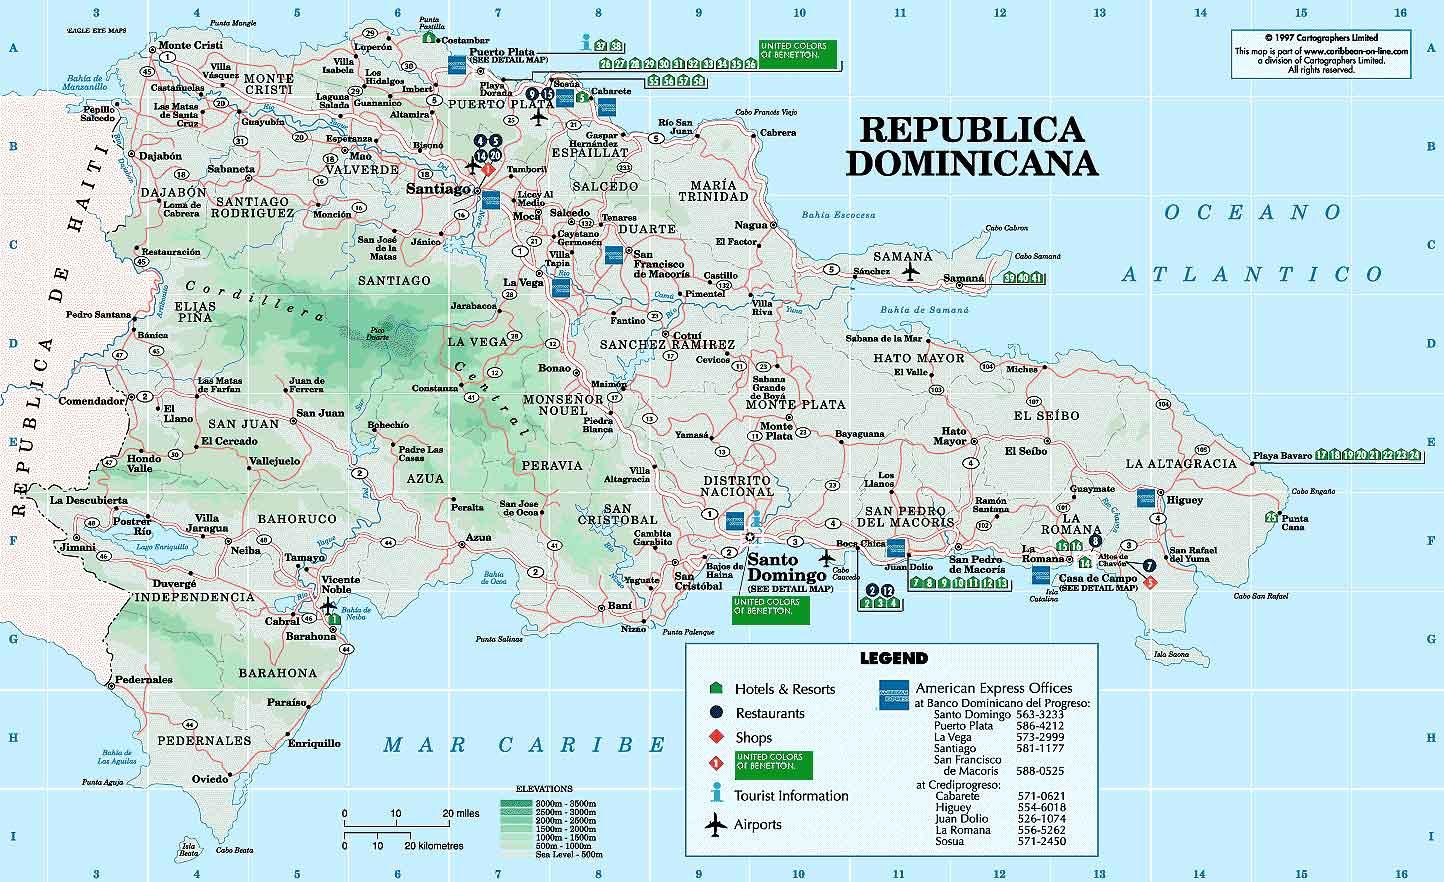 Datos Geogrficos Datos Geogrficos  Negocios Dominicanos